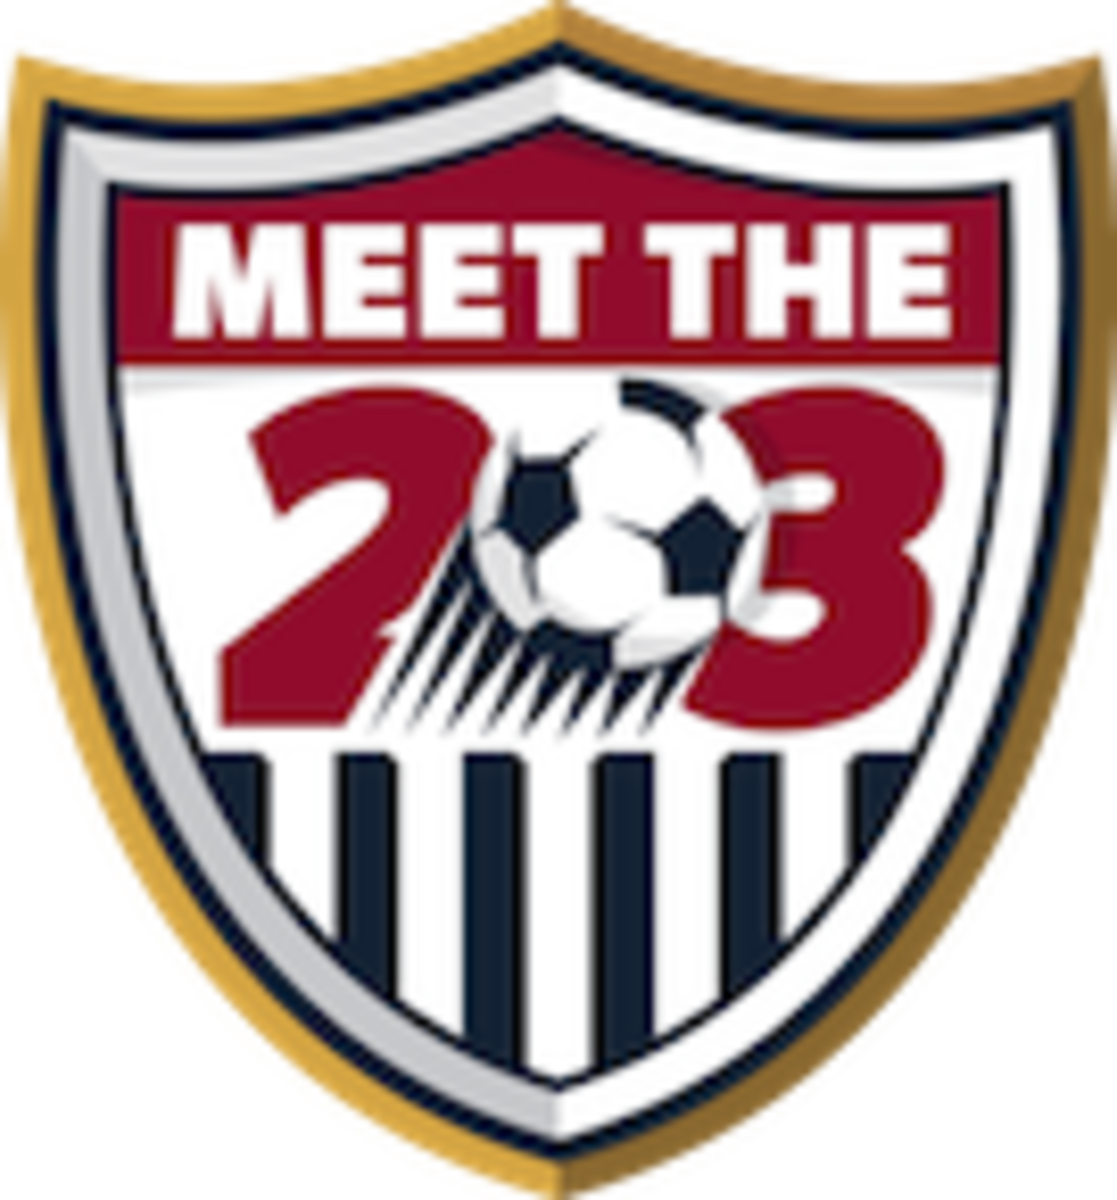 Meet the 23